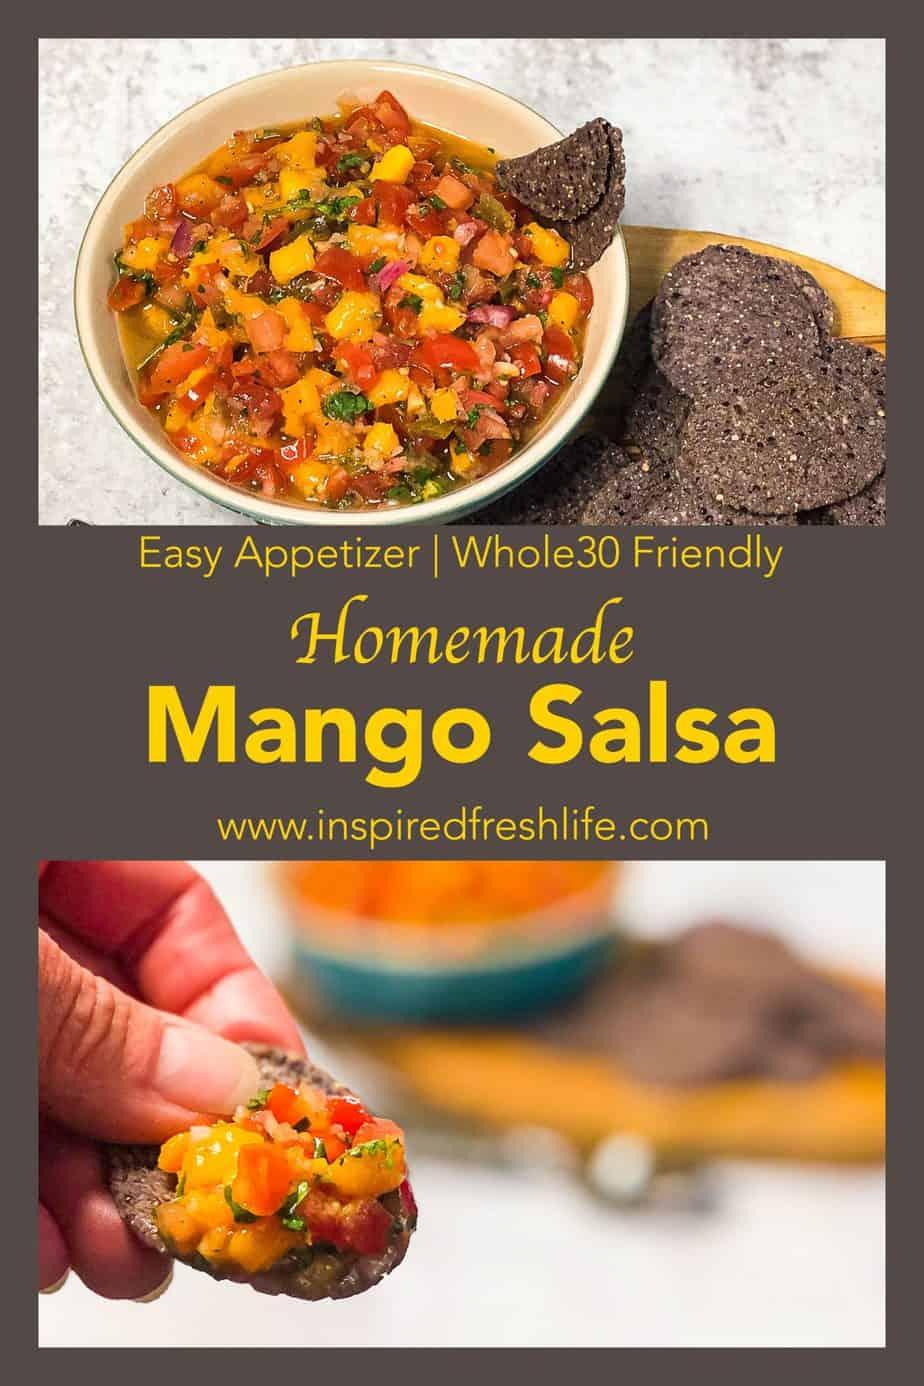 Pinterest image for Homemade Mango Salsa